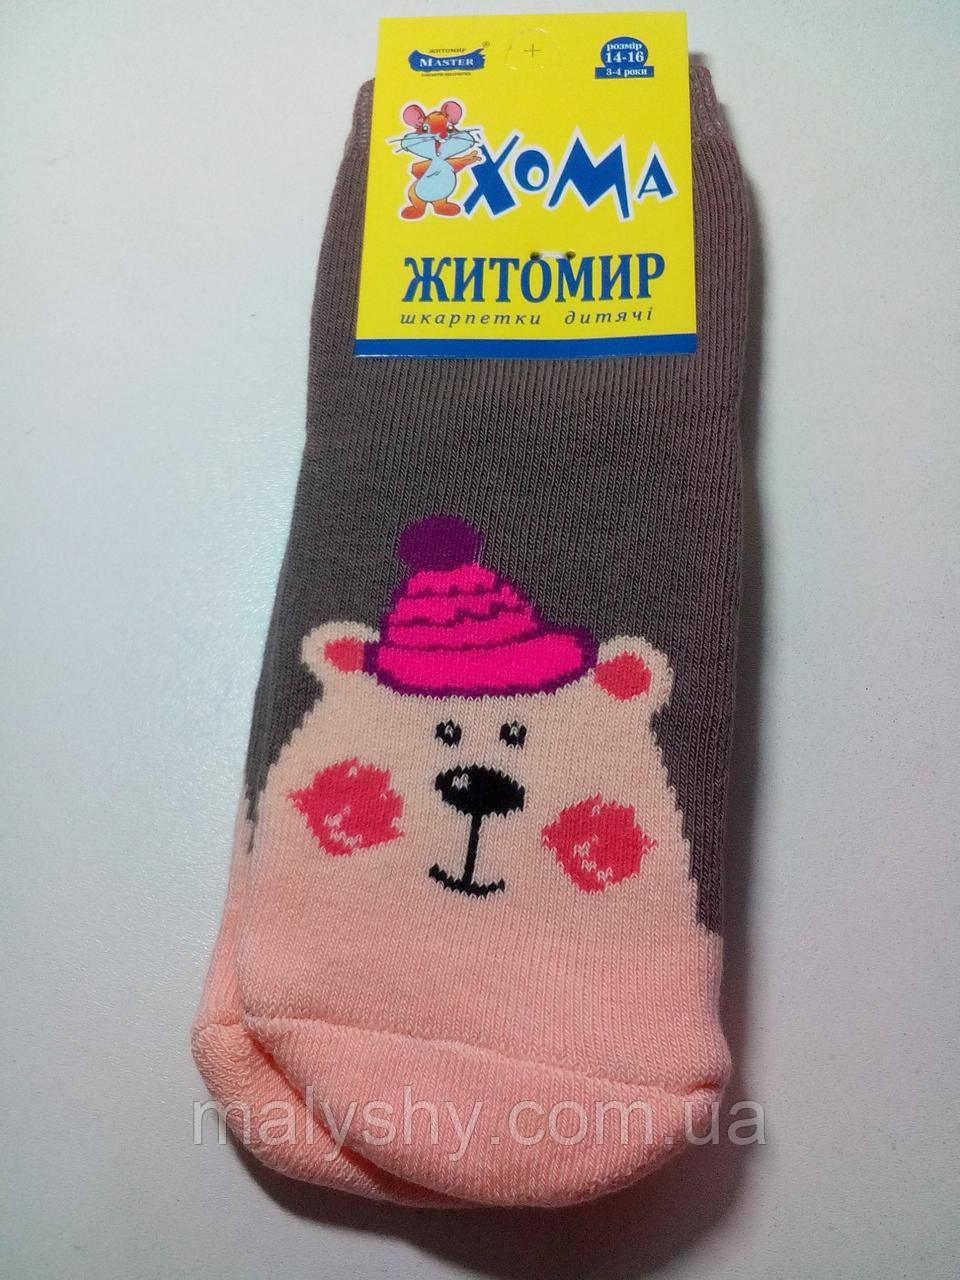 Детские носки махровые ХОМА ЖИТОМИР р.14-16 МИШКА-корич/шкарпетки дитячі зимові махрові, носочки махра зимние